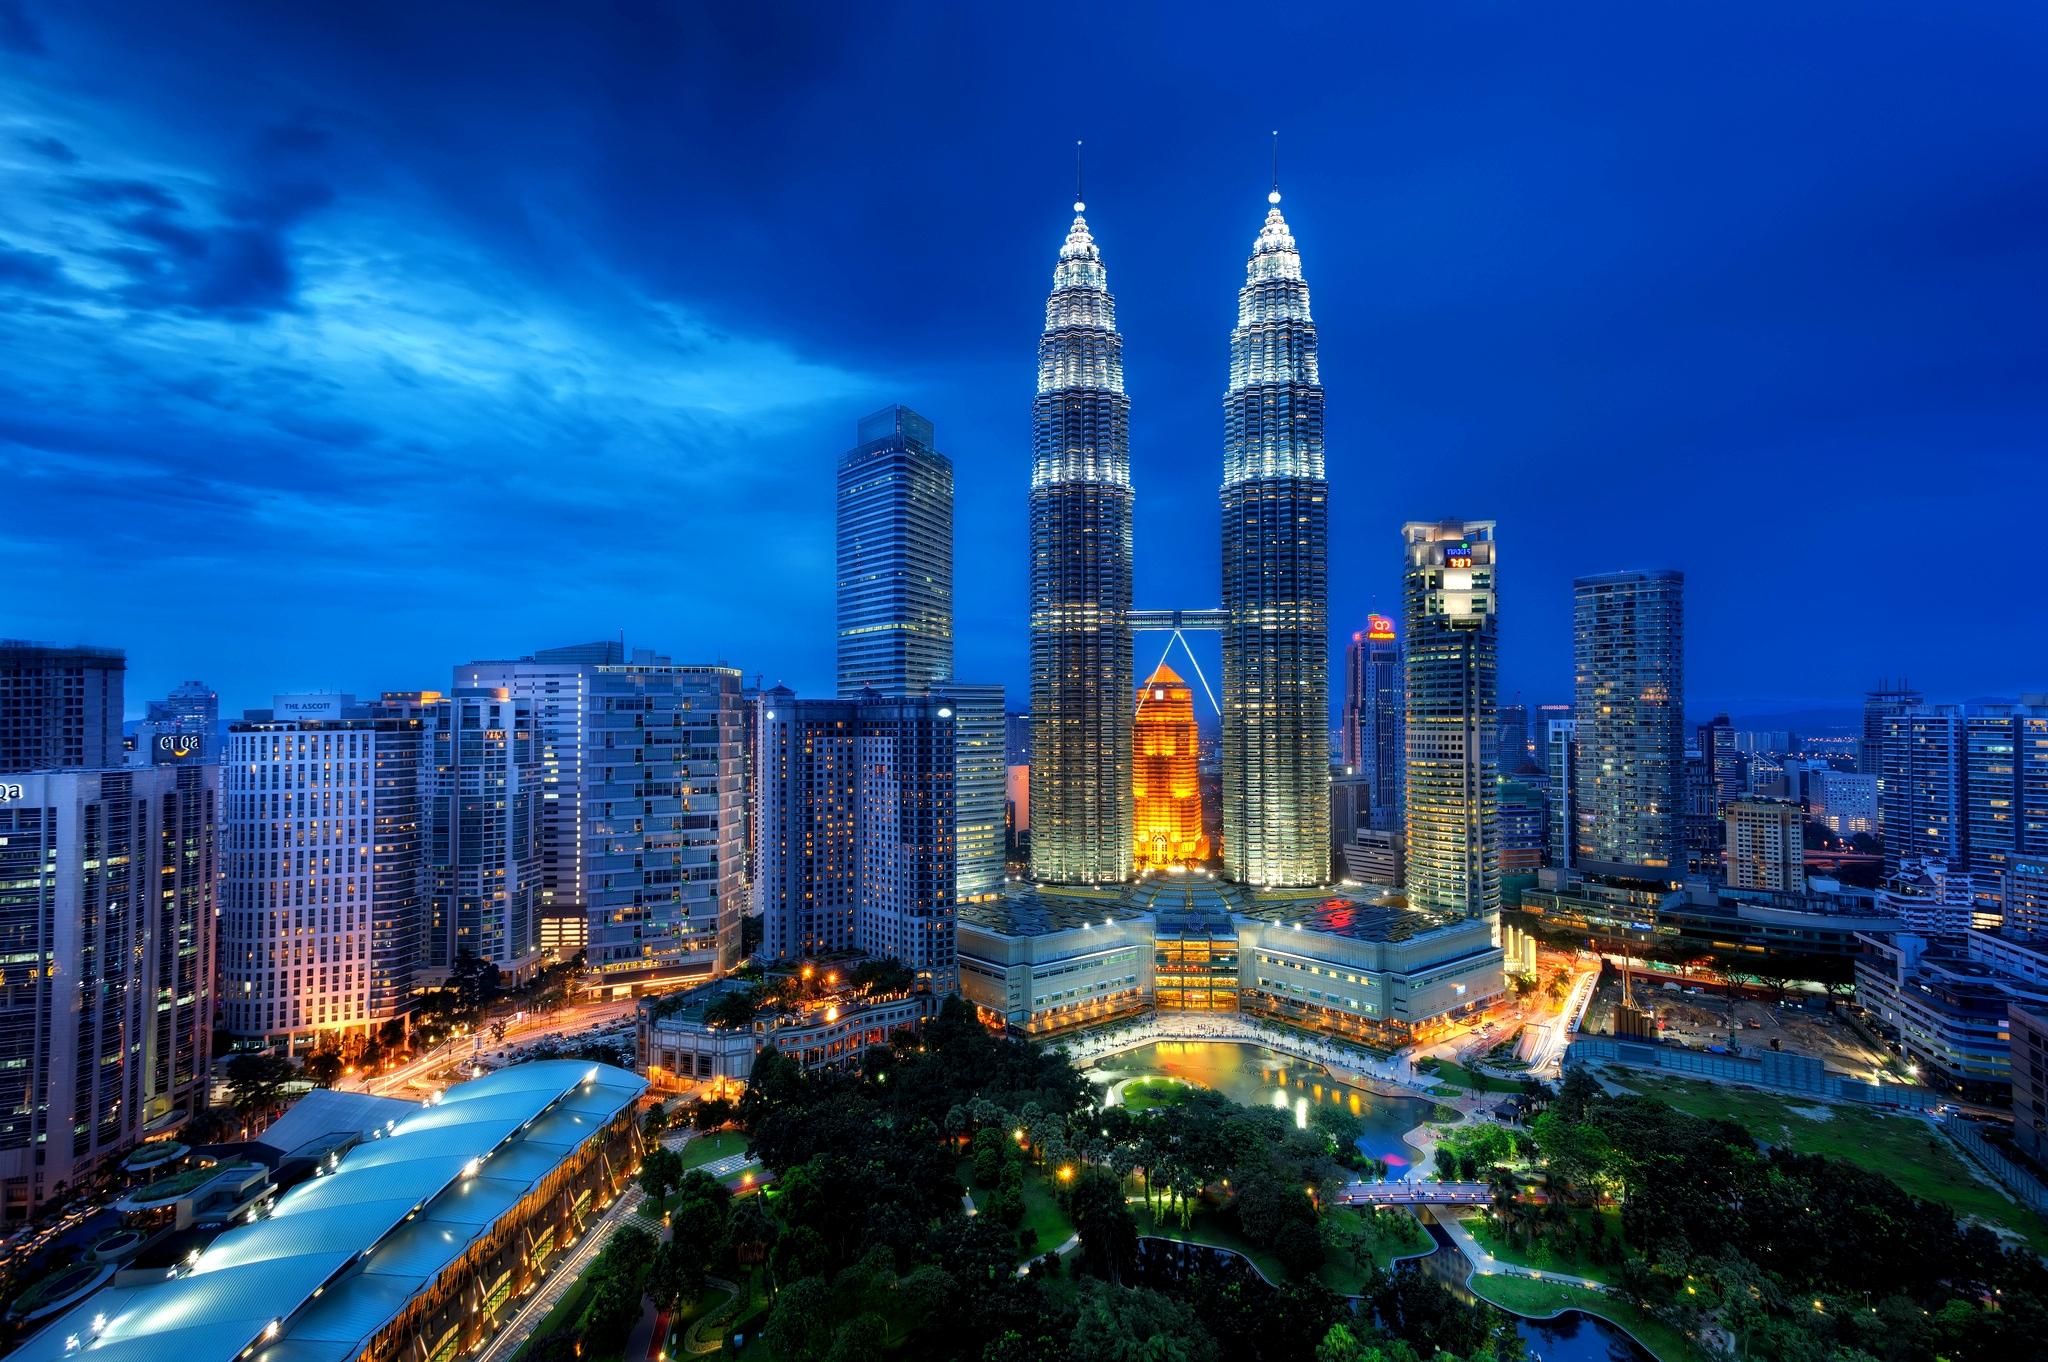 Petronas tvilling tårn